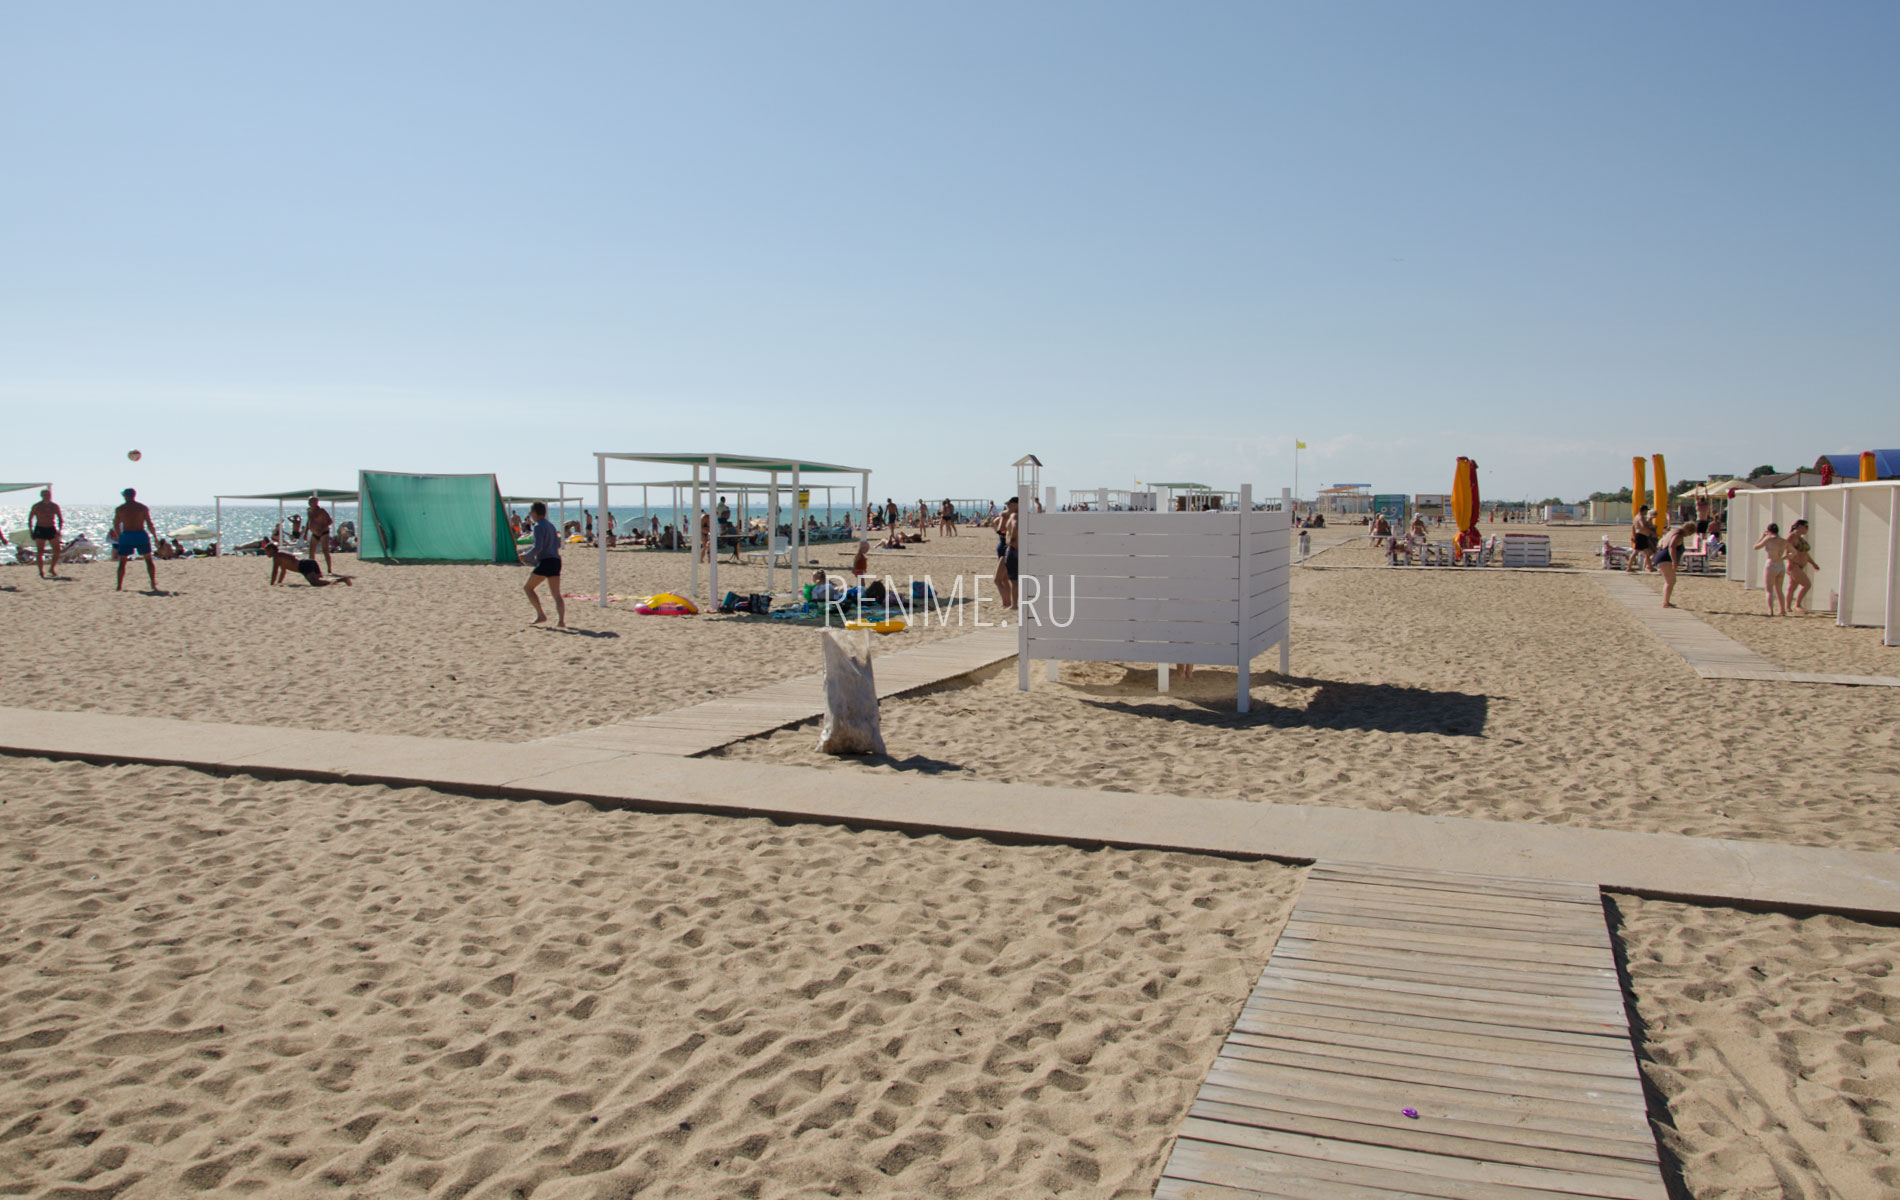 Песочный пляж с удобствами в Саках. Фото Сак